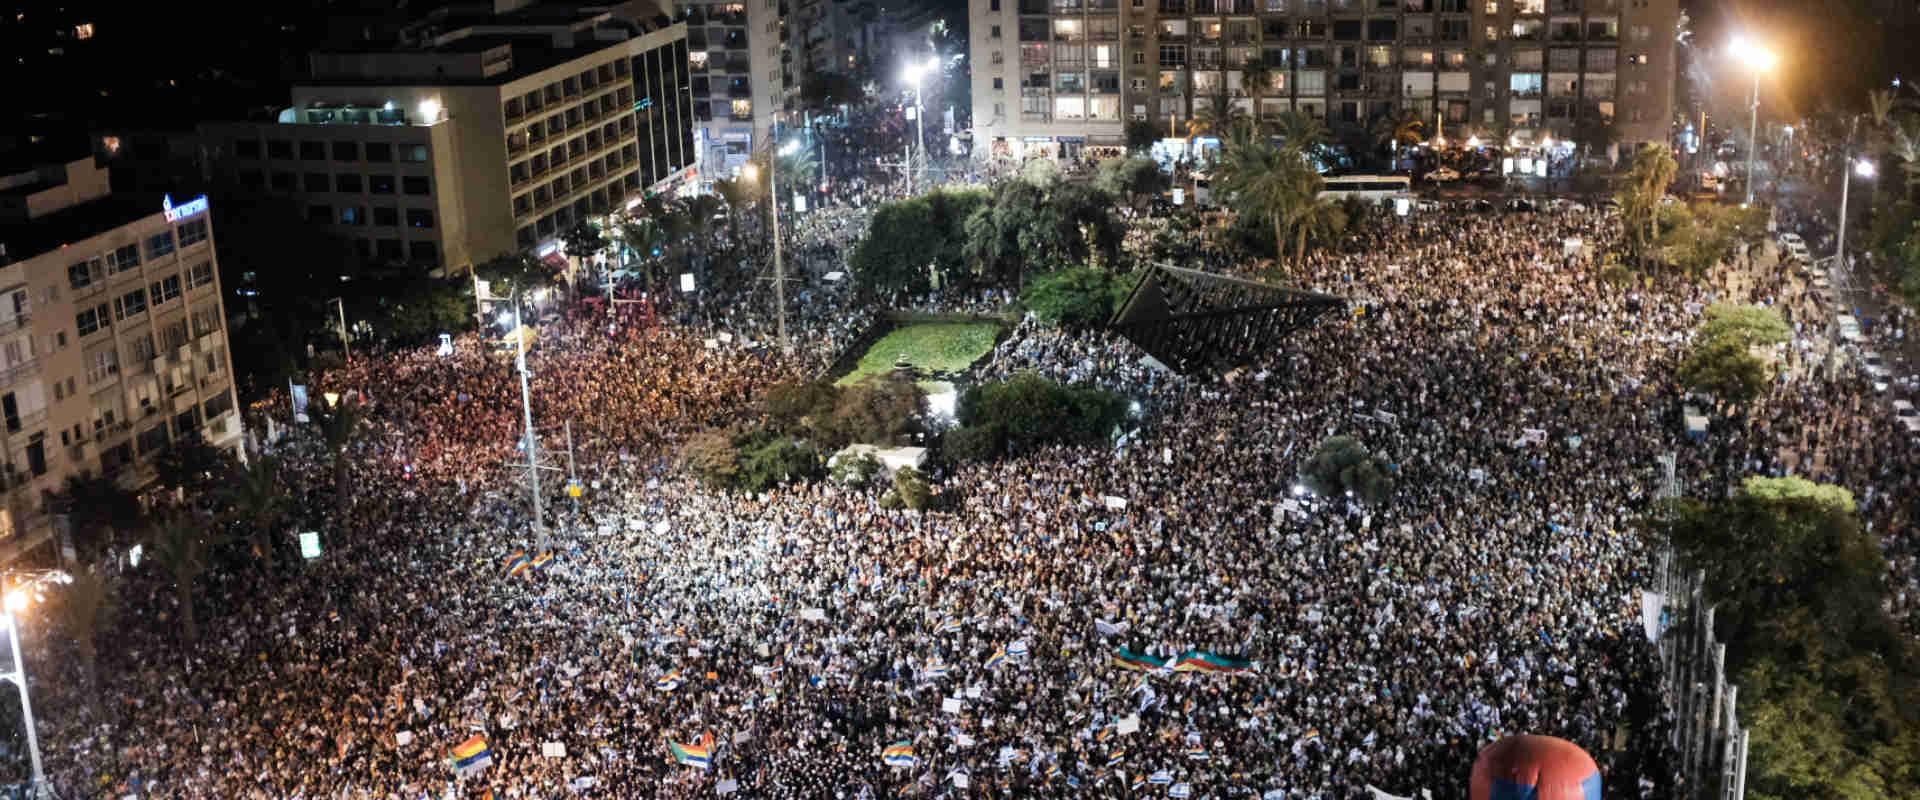 מפגינים בכיכר רבין, הערב